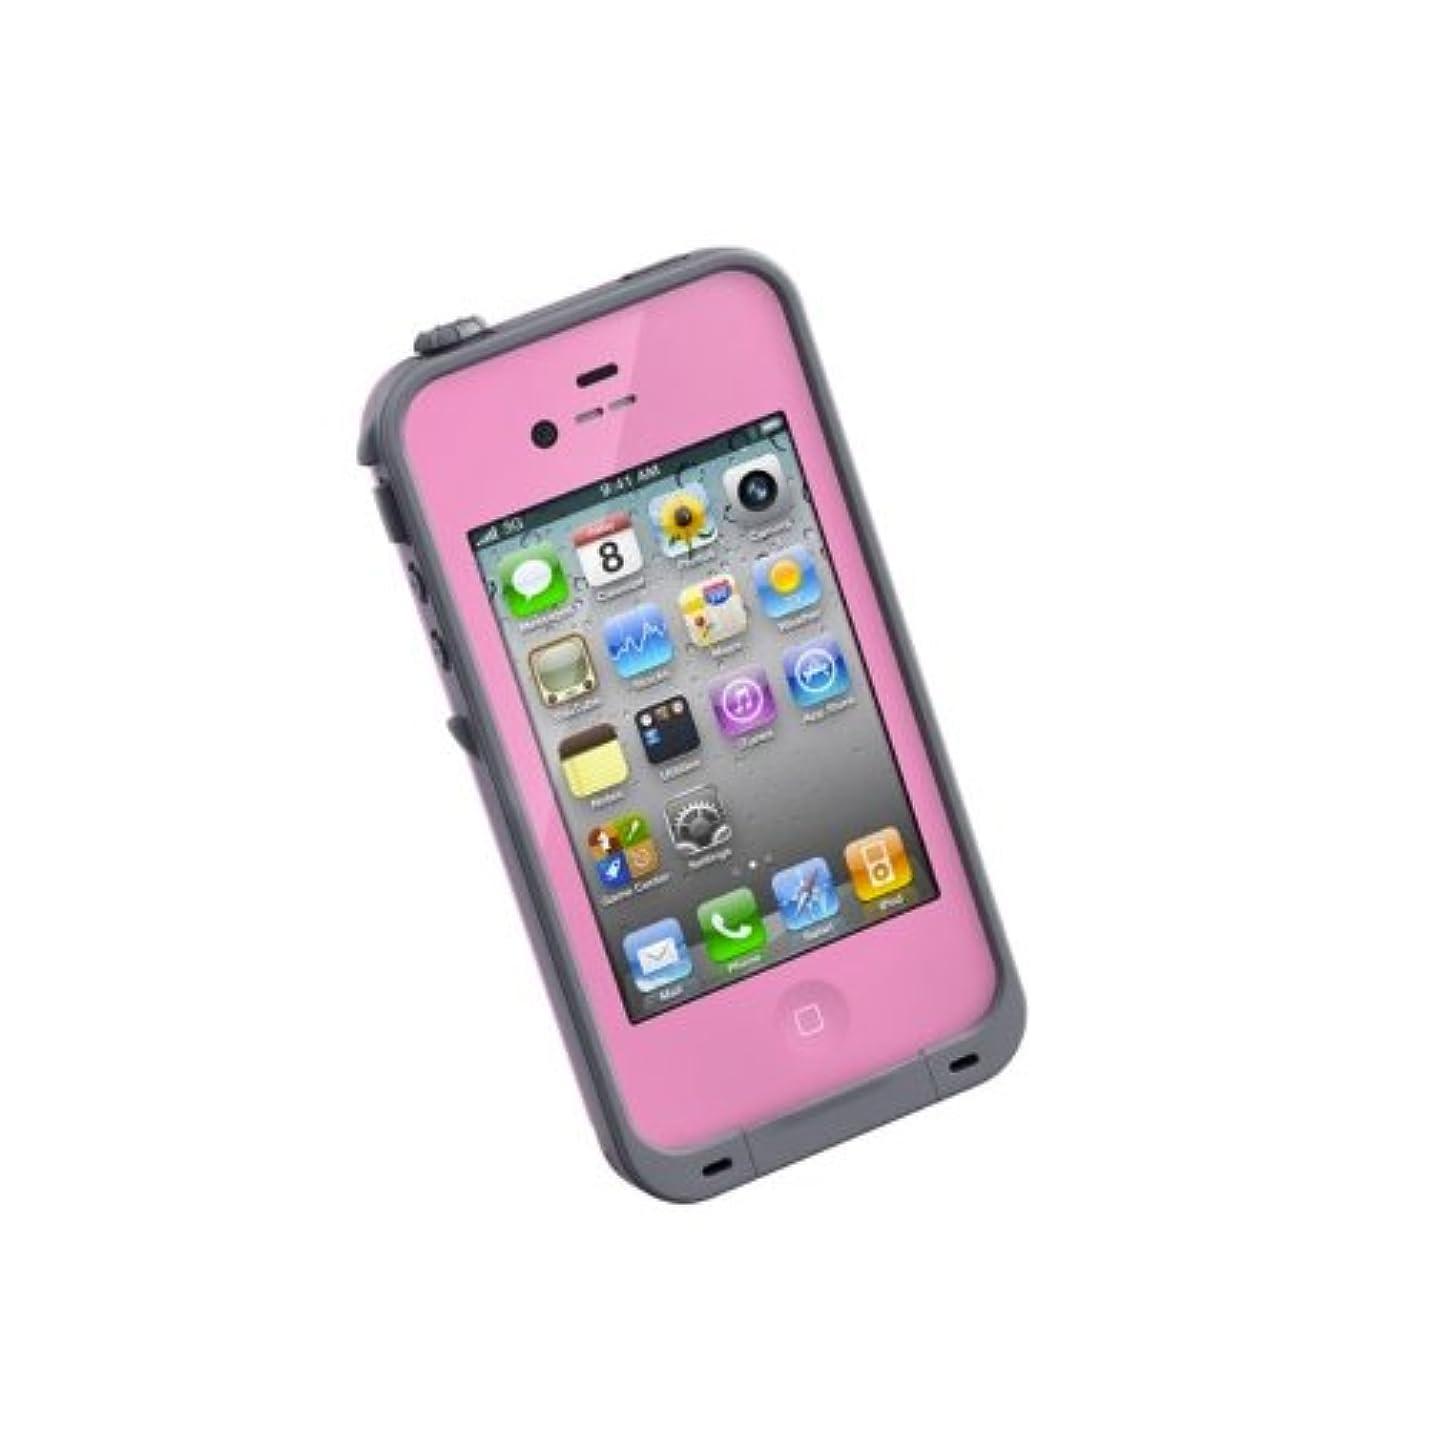 民主主義あなたのもの有料LIFEPROOF iPhone4/4S用防水防塵耐衝撃ケース LifeProof Gen2 ピンク LPIPH4CS02PK